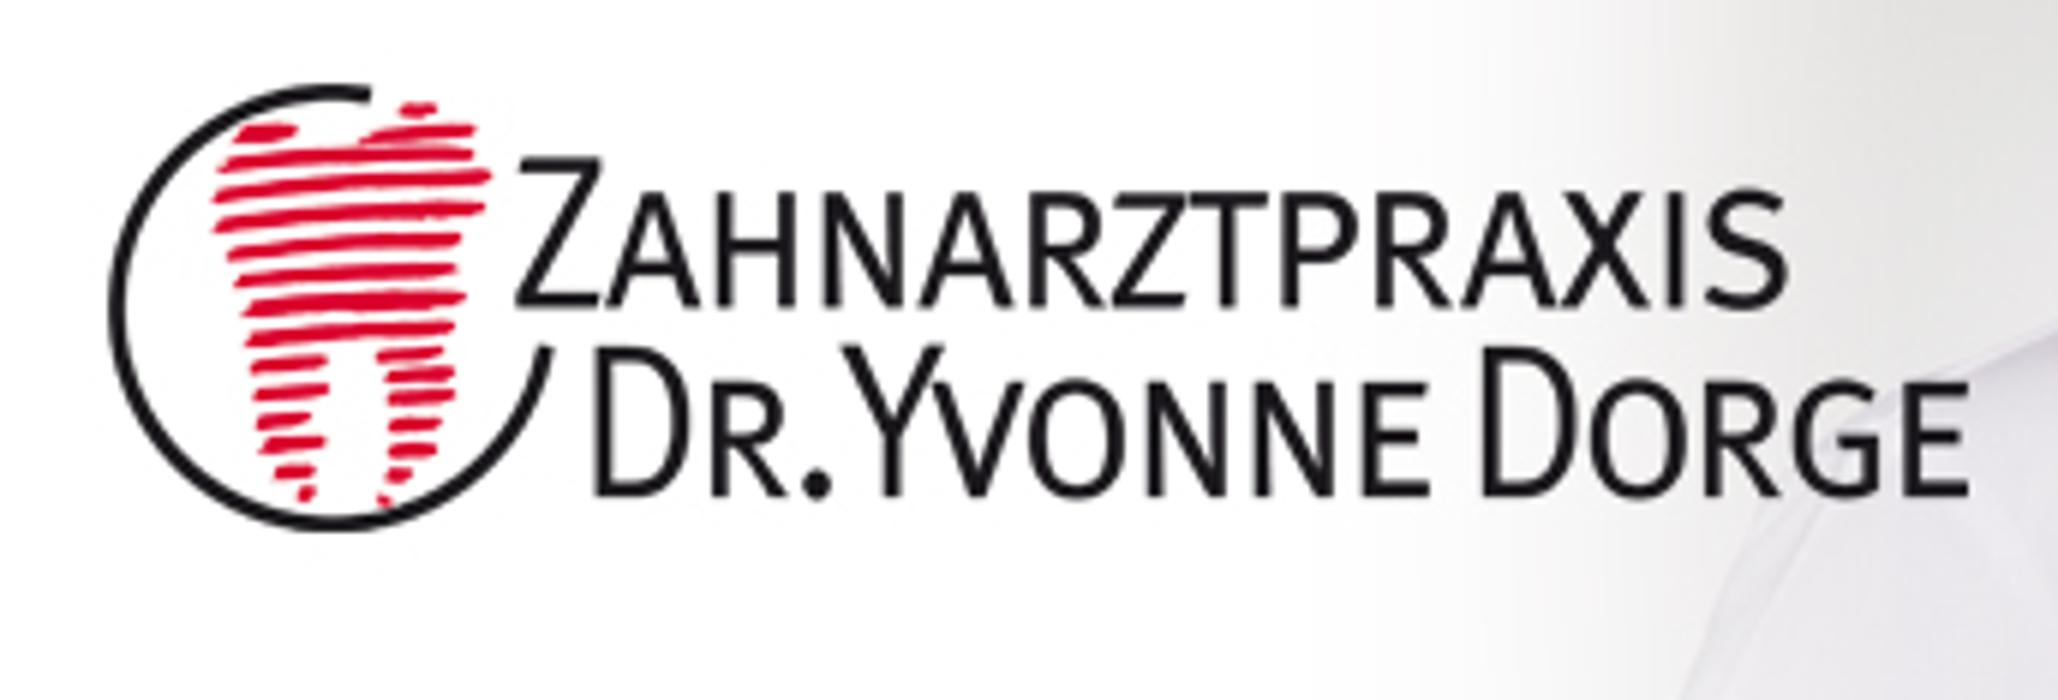 Bild zu Zahnarztpraxis Dr. Yvonne Dorge in Hagen in Westfalen